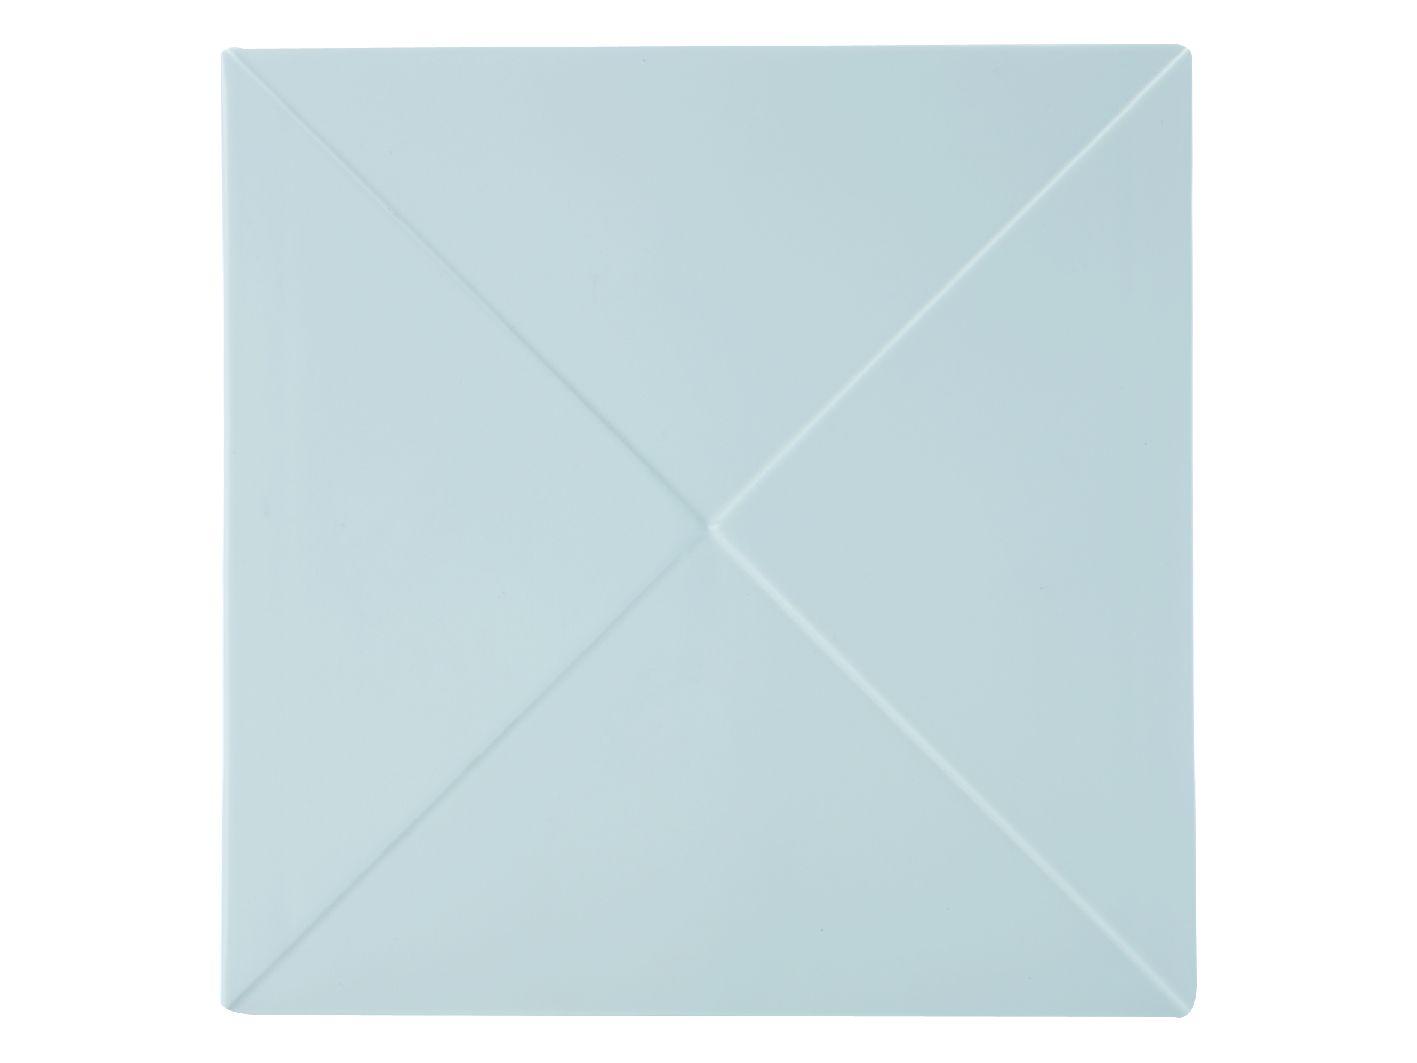 Porcelánový Čtvercový talíř motiv trojúhelník Metrix 30,5 cm - Maxwell&Williams